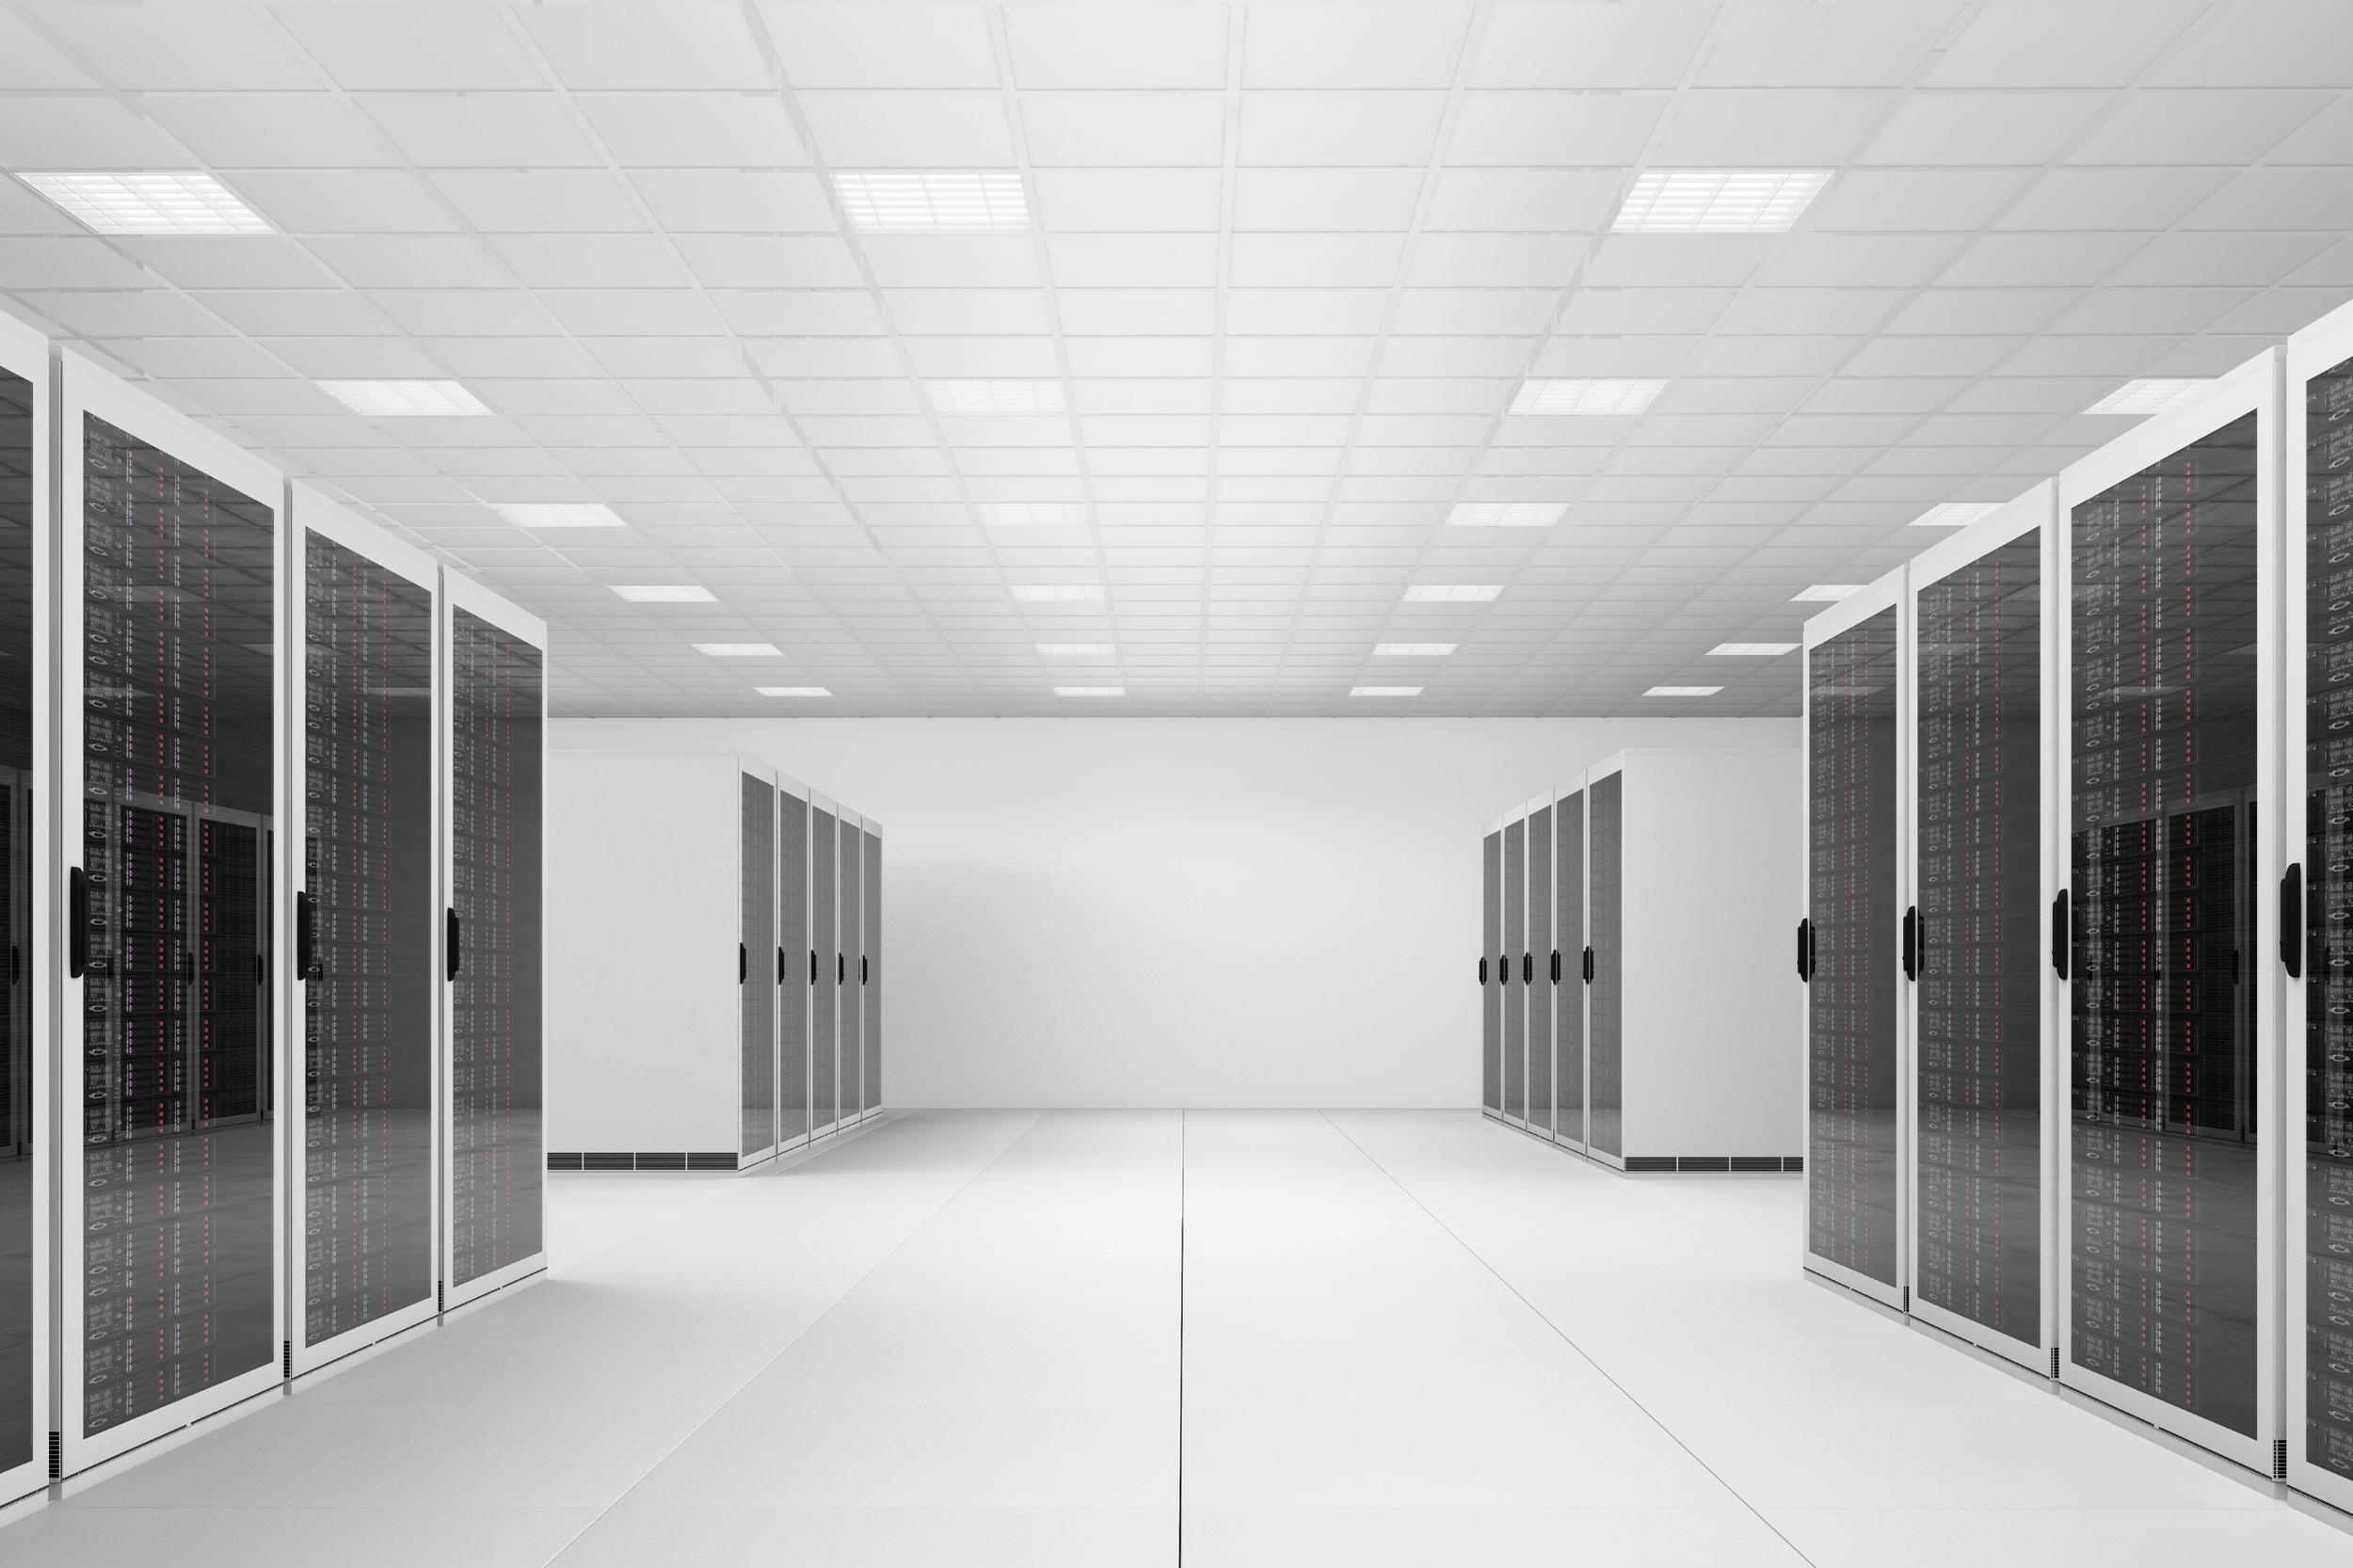 ulkomaiset hostingpalvelu ja webhotellit sijaitsevat suurissa serverihalleissa ympäri maailmaa